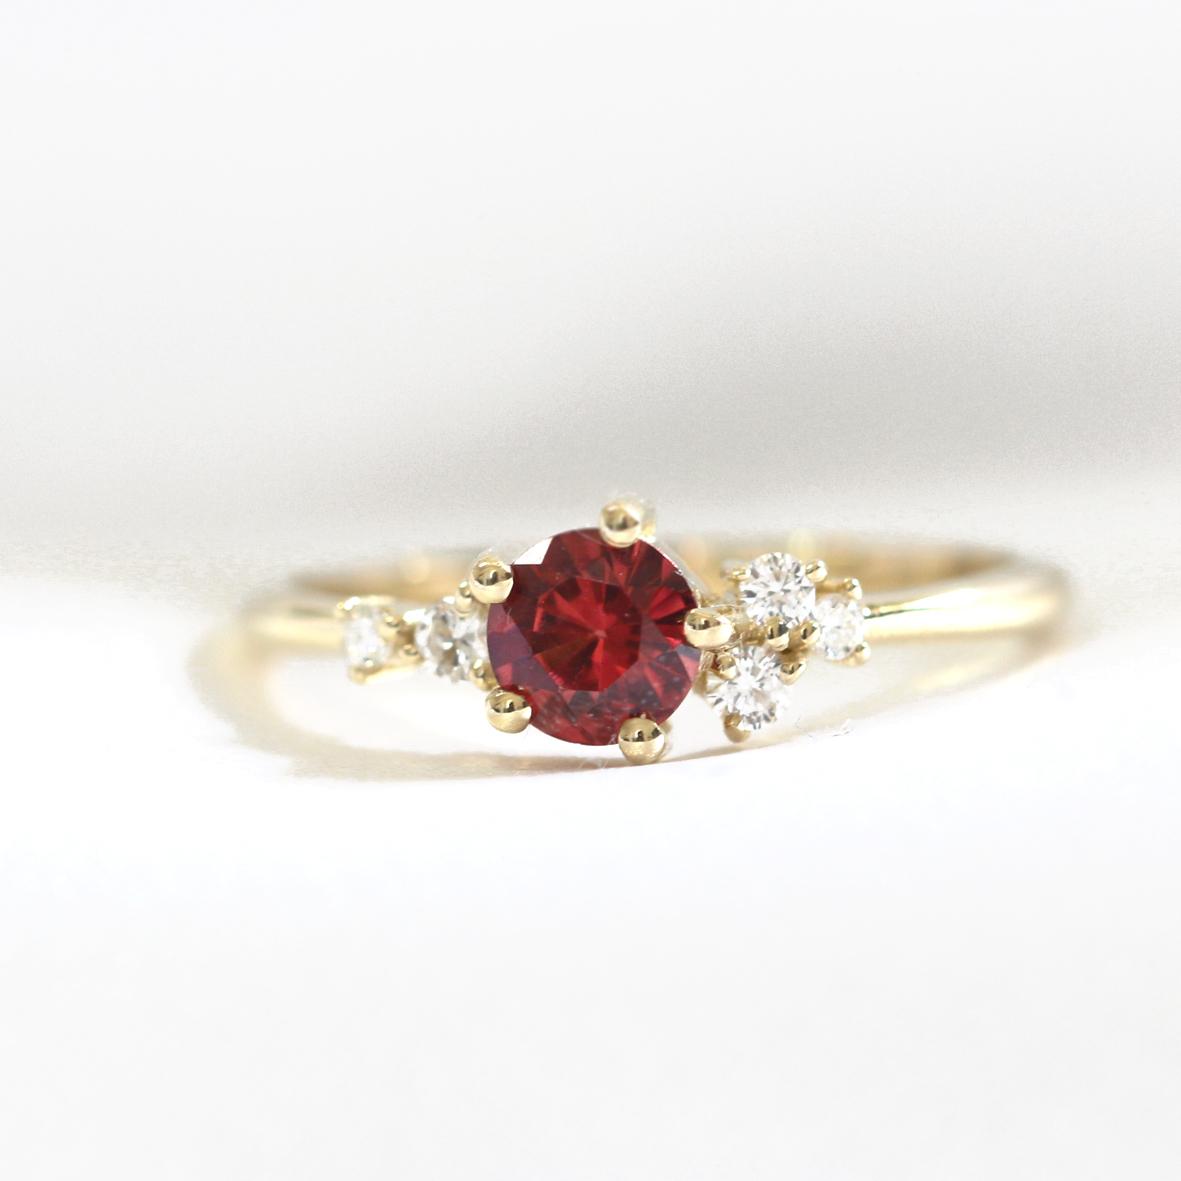 טבעת אירוסין משובצת רודולייט ויהלומים קטנים א סימטרים